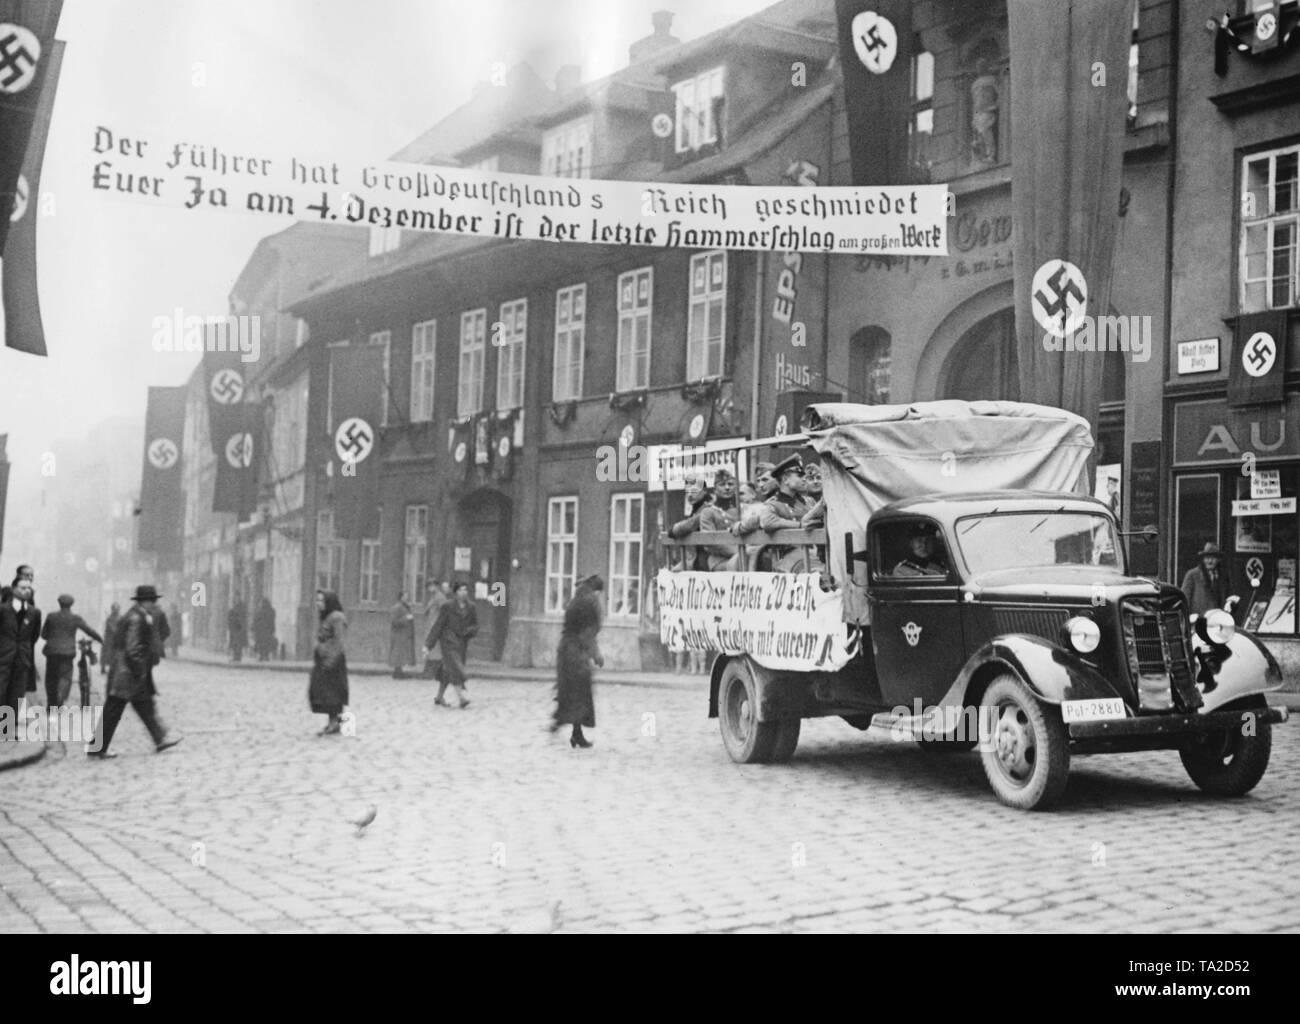 """Auto dell'Ordnungspolizei (regolare la forza di polizia della Germania nazista) con domicilio in Tellnitz (oggi Telnice). La città è decorata con bandiere con la svastica. I tedeschi dei Sudeti di tenere un'elezione per quanto riguarda l'annessione dei Sudeti al Reich tedesco. Sul poster sulla strada: 'Il Fuehrer ha forgiato il maggiore Impero Tedesco / il vostro sì il 4 dicembre è l'ultimo colpo di martello sulla grande opera"""". Immagini Stock"""